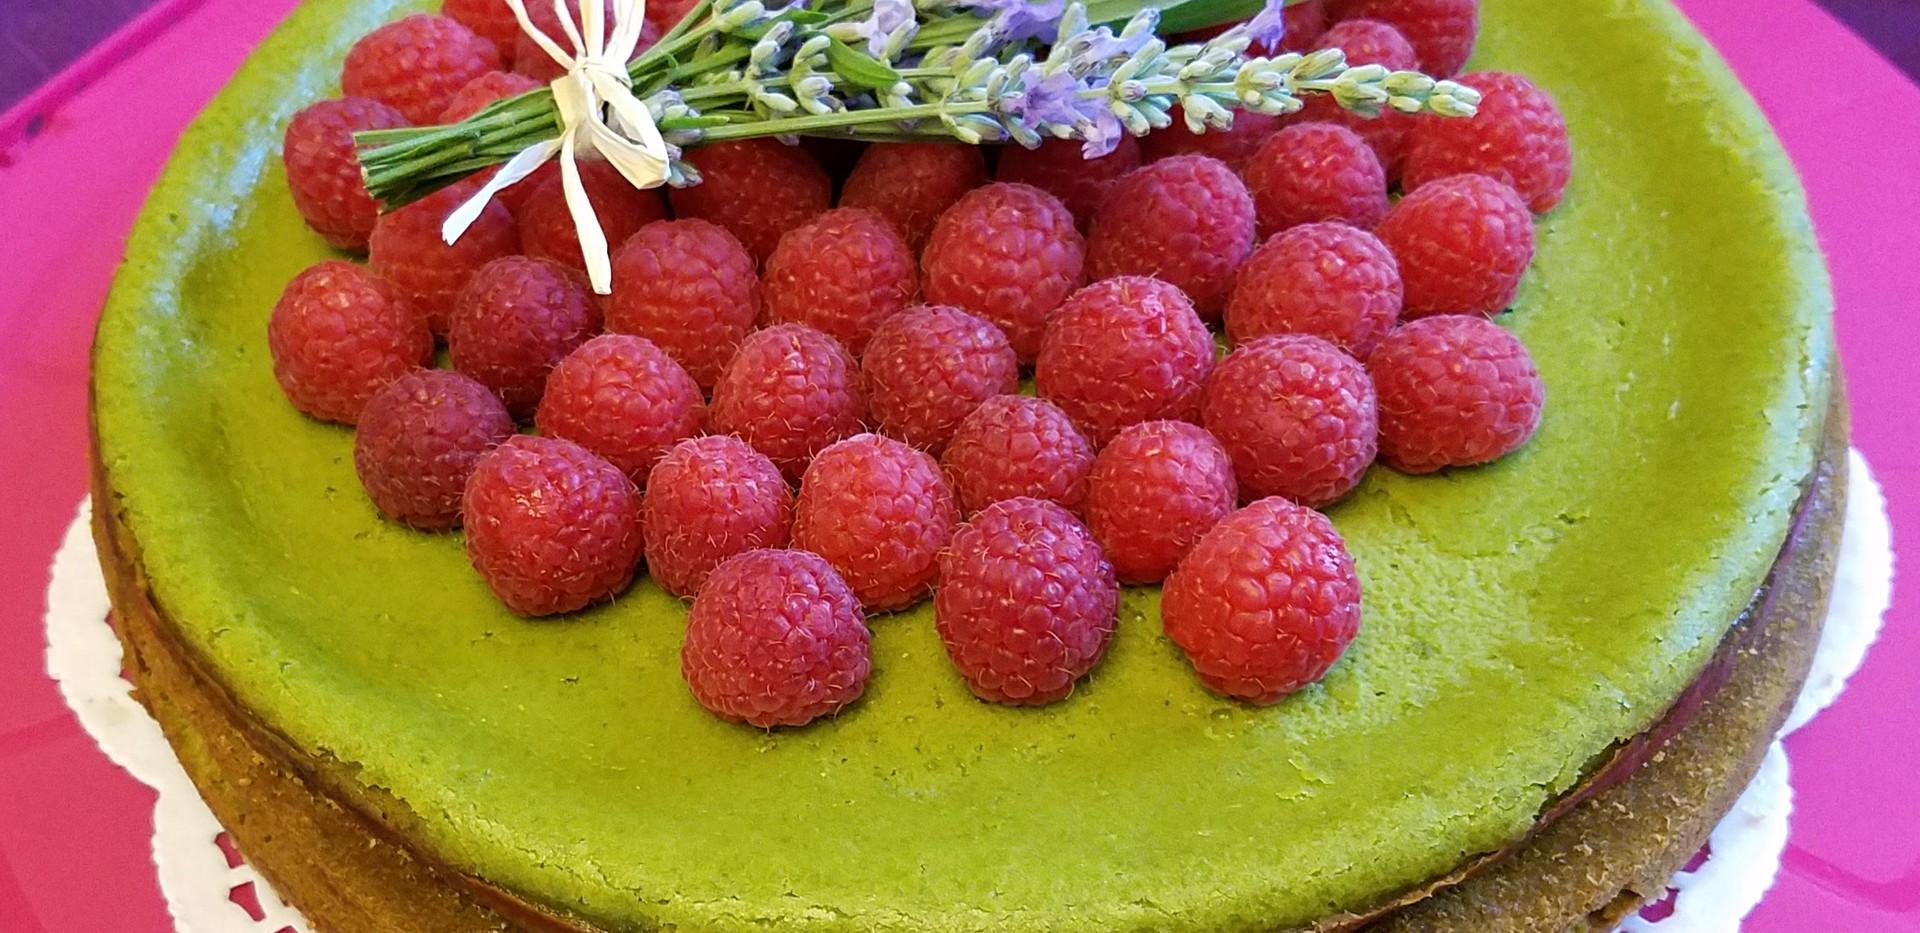 Large Matcha Cheesecake